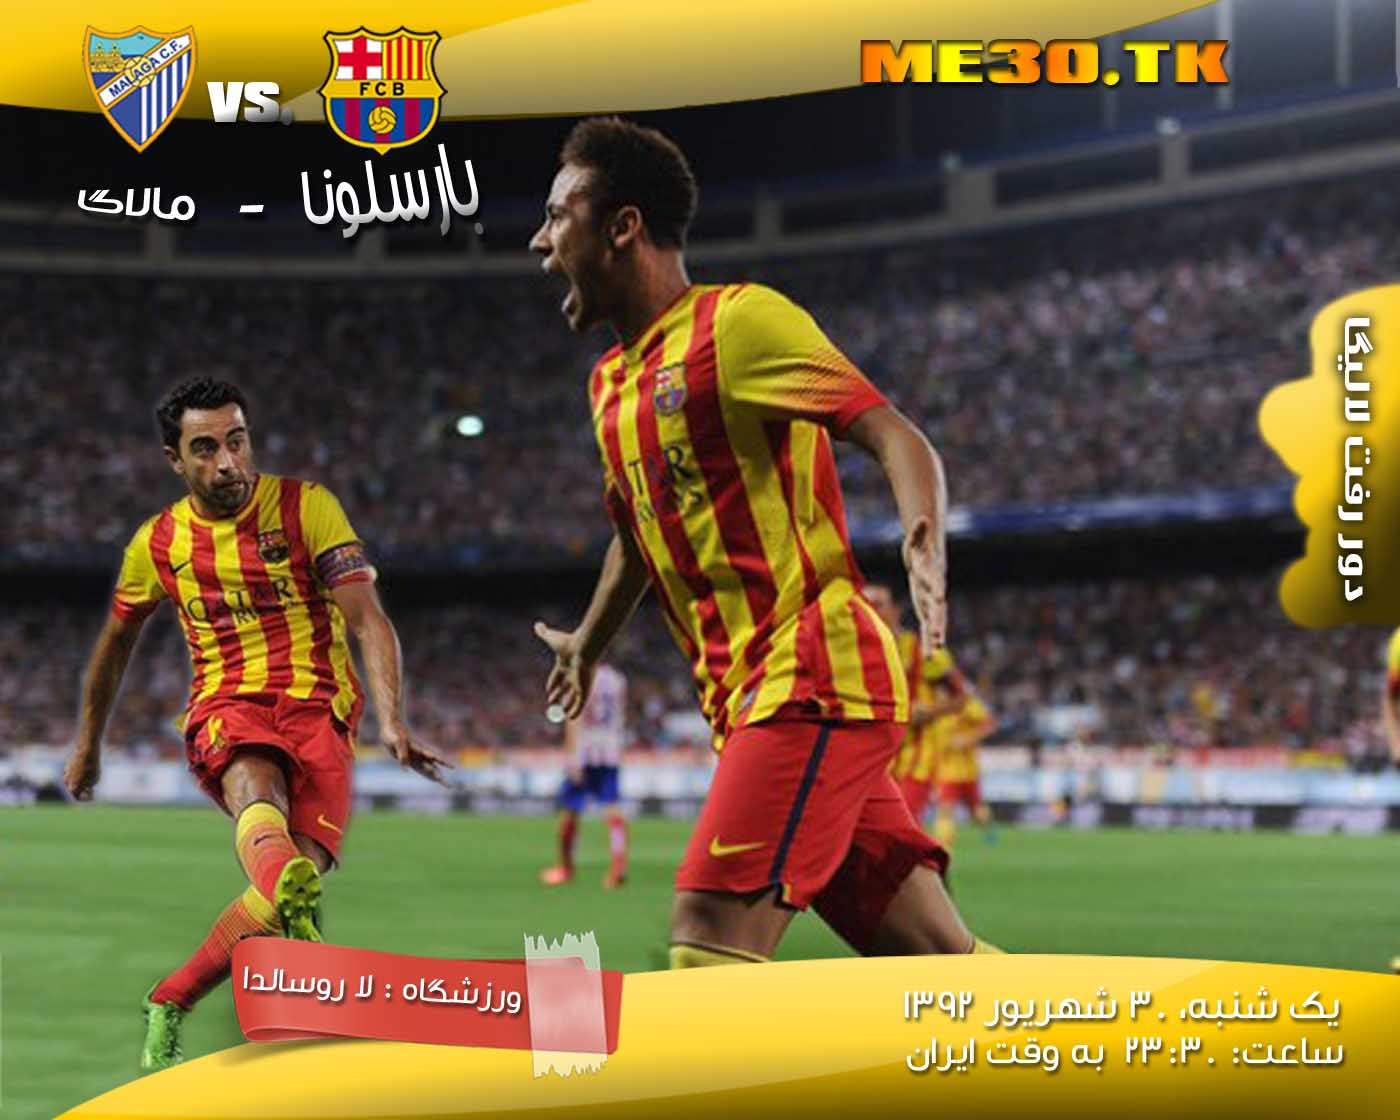 پوستر پیش بازی بارسلونا - مالاگا (دور رفت - لالیگا) - طراحی اختصاصی